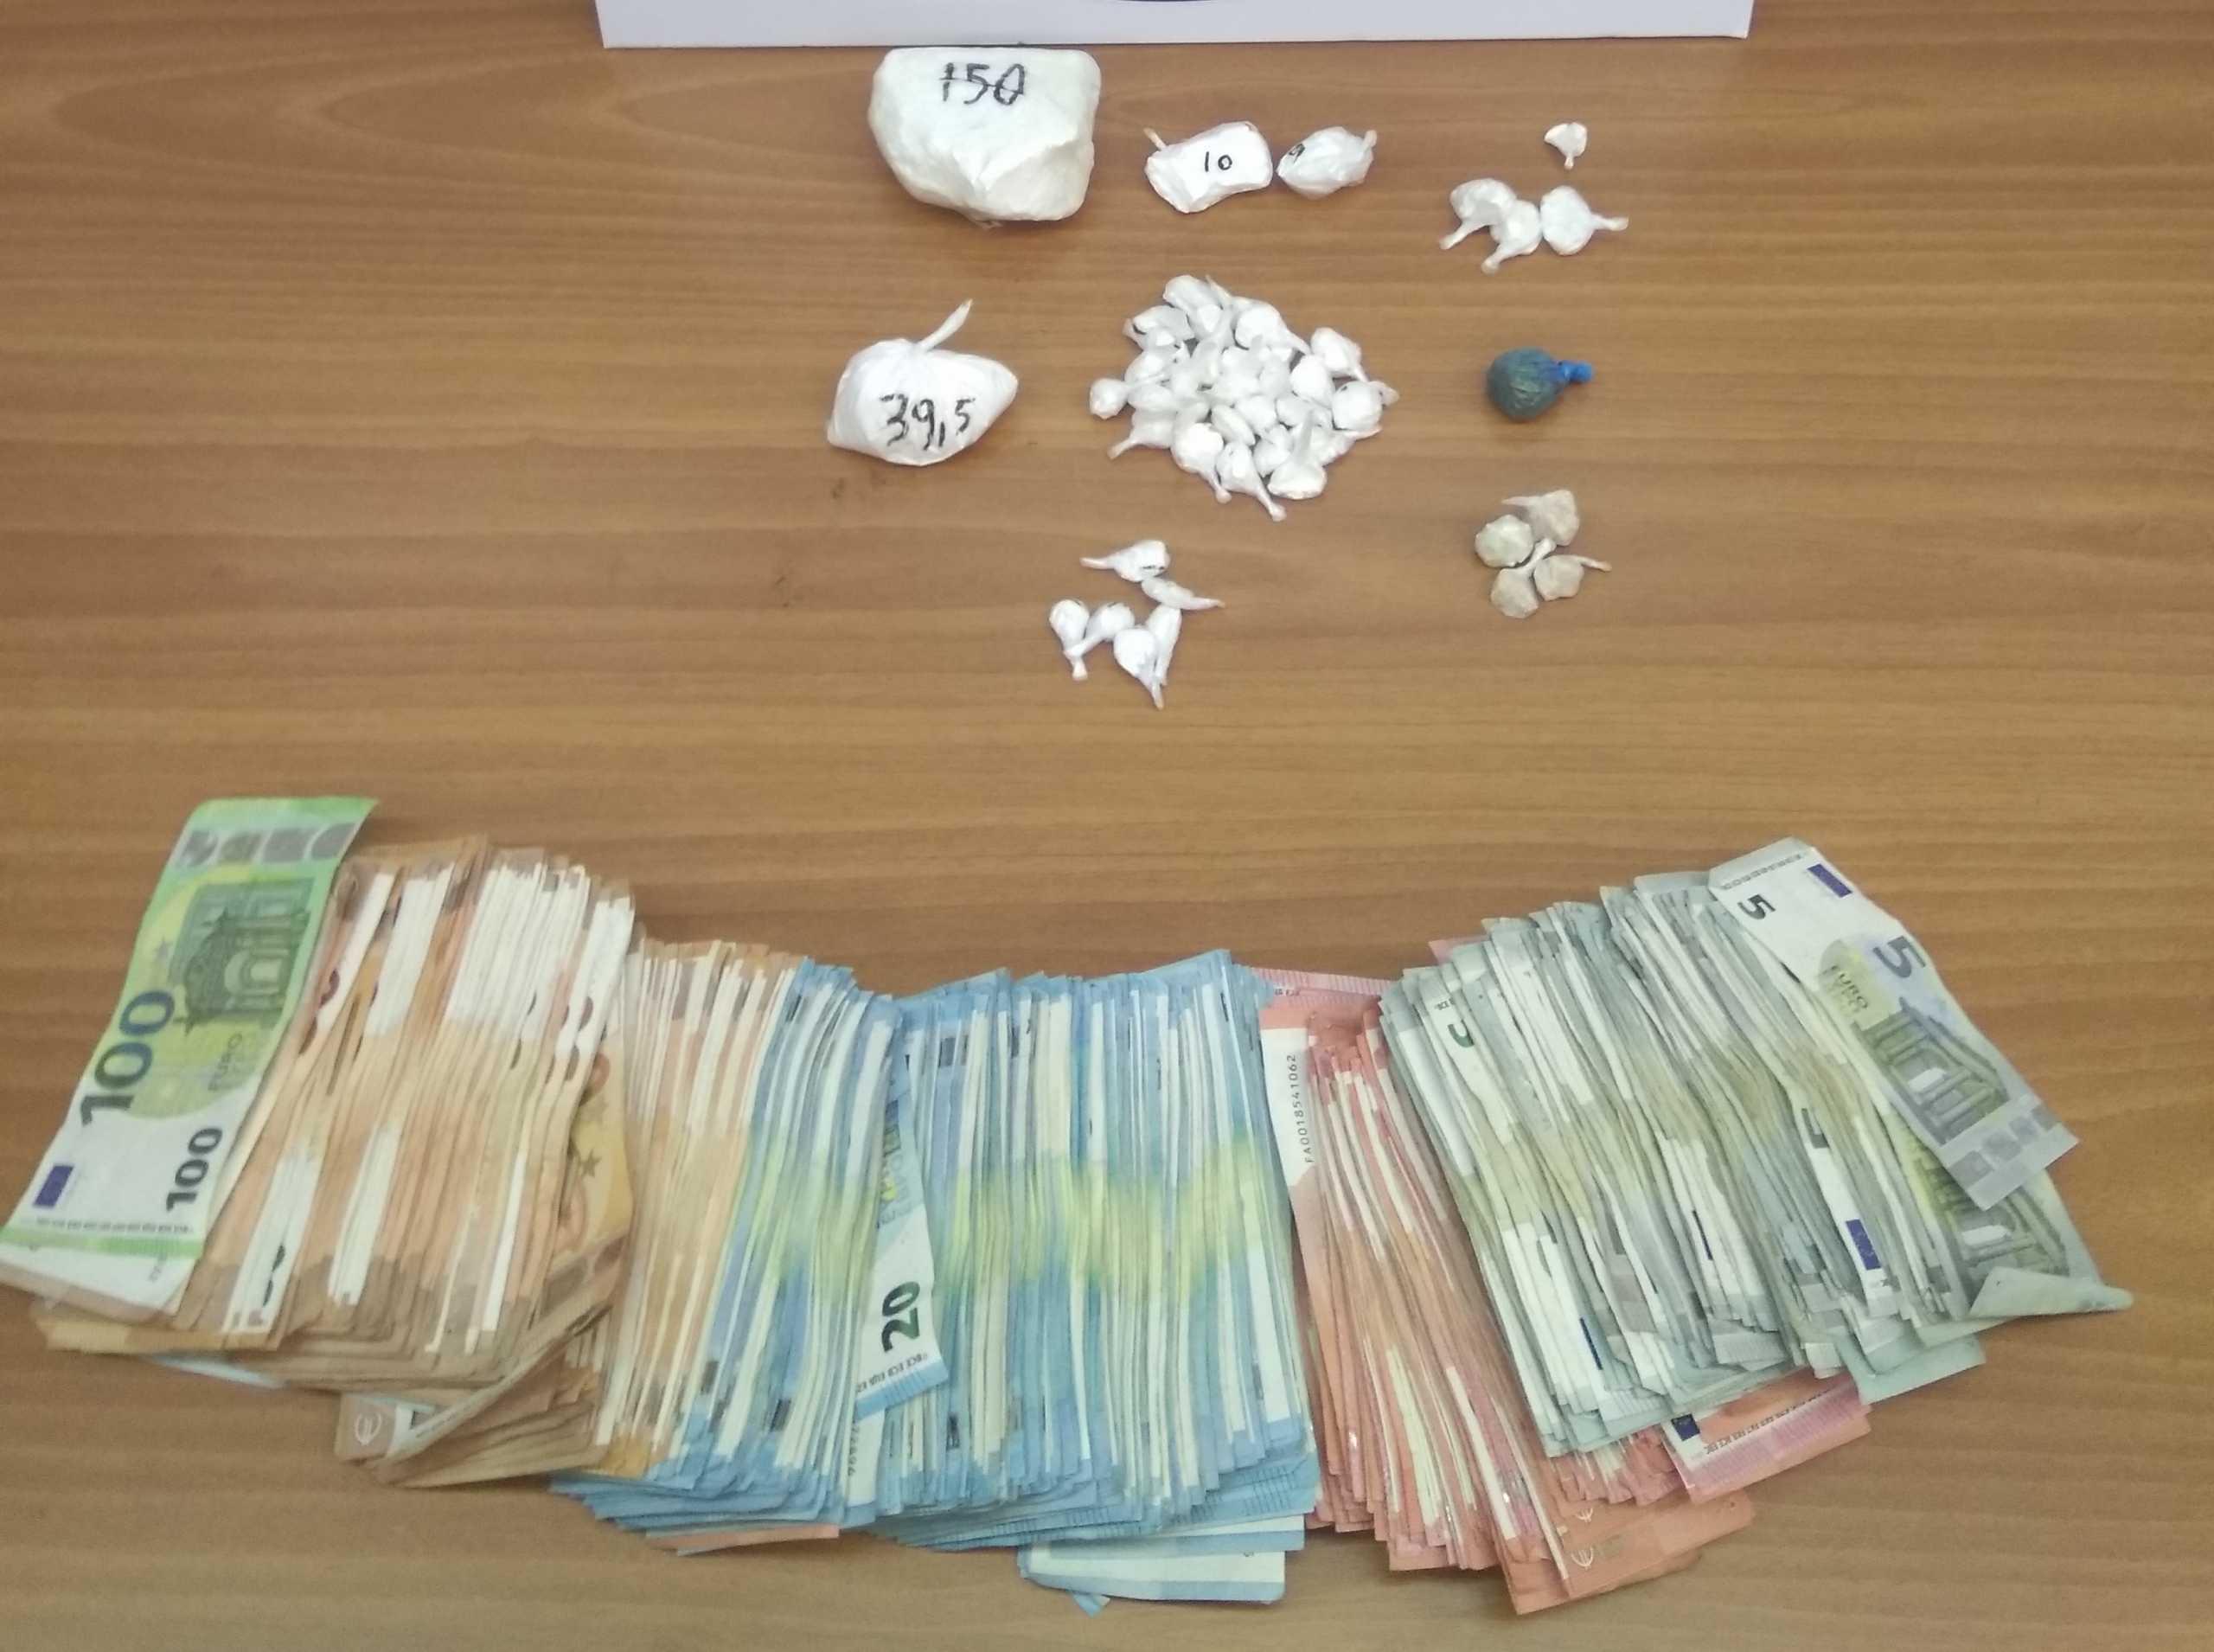 Ηλιούπολη: Τον έπιασαν με 4 διαφορετικές ναρκωτικές ουσίες και 20.000 ευρώ στο αυτοκίνητο